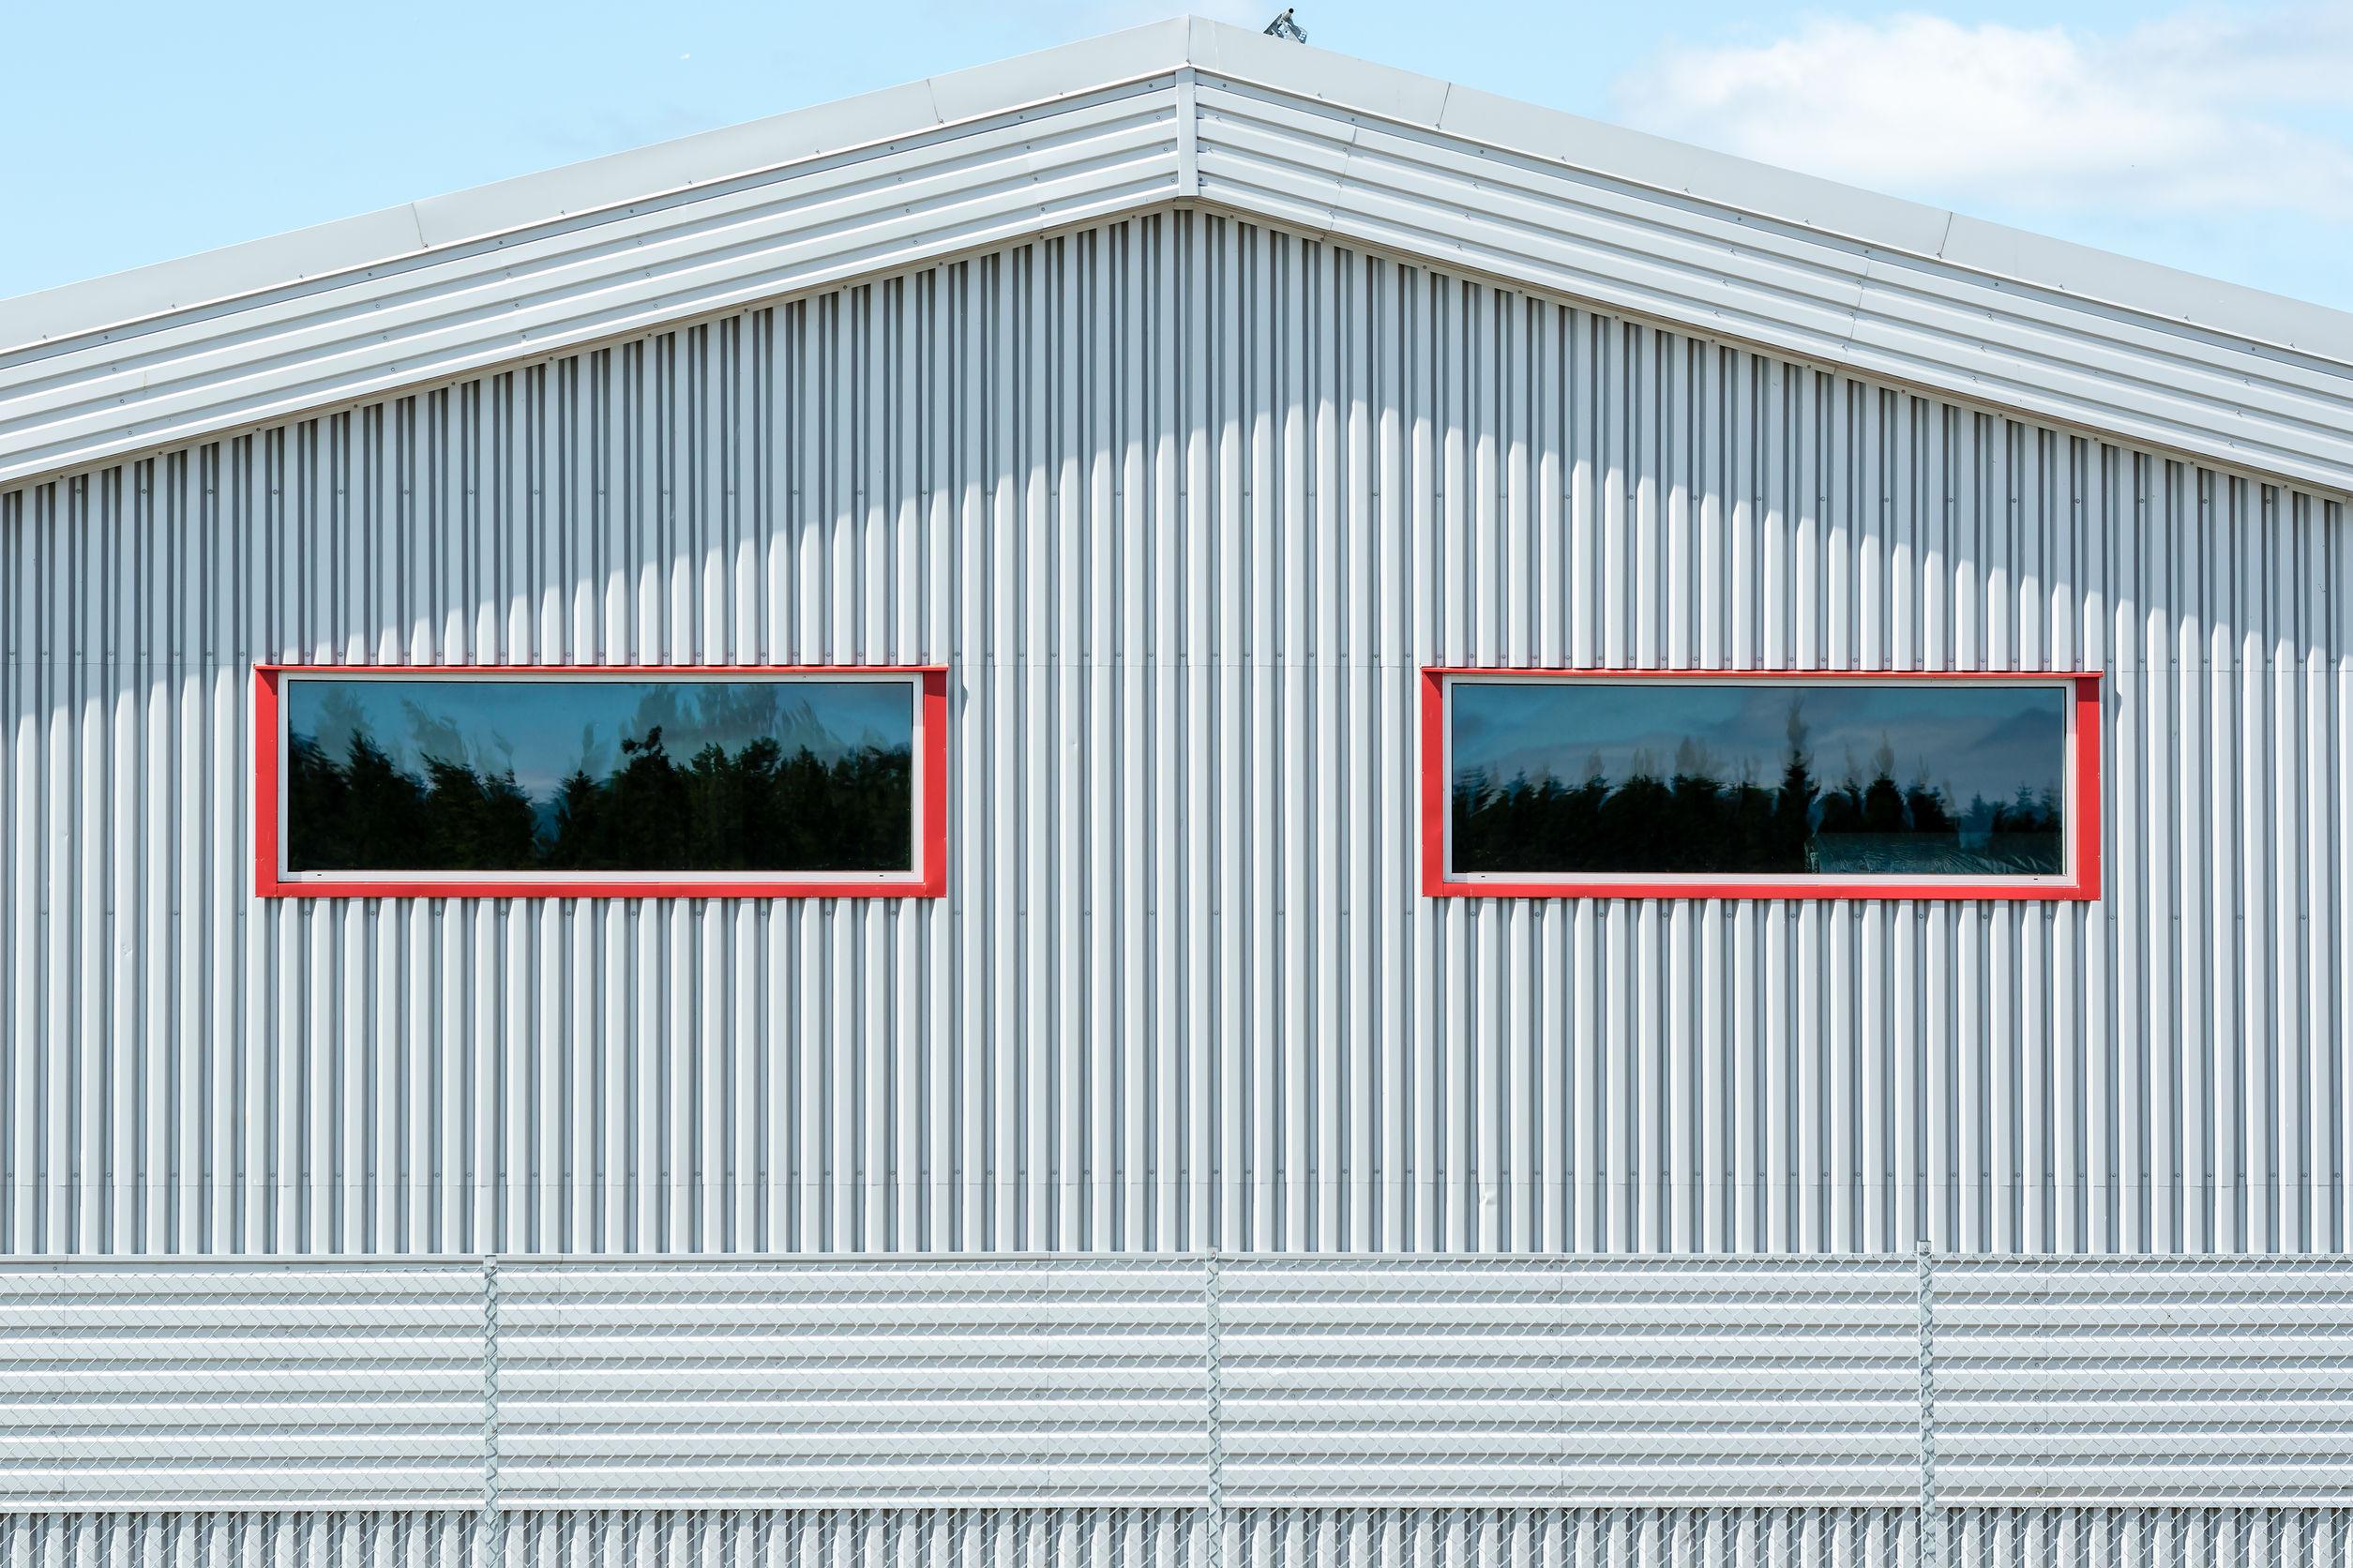 Die Fassade - Ihre Visitenkarte